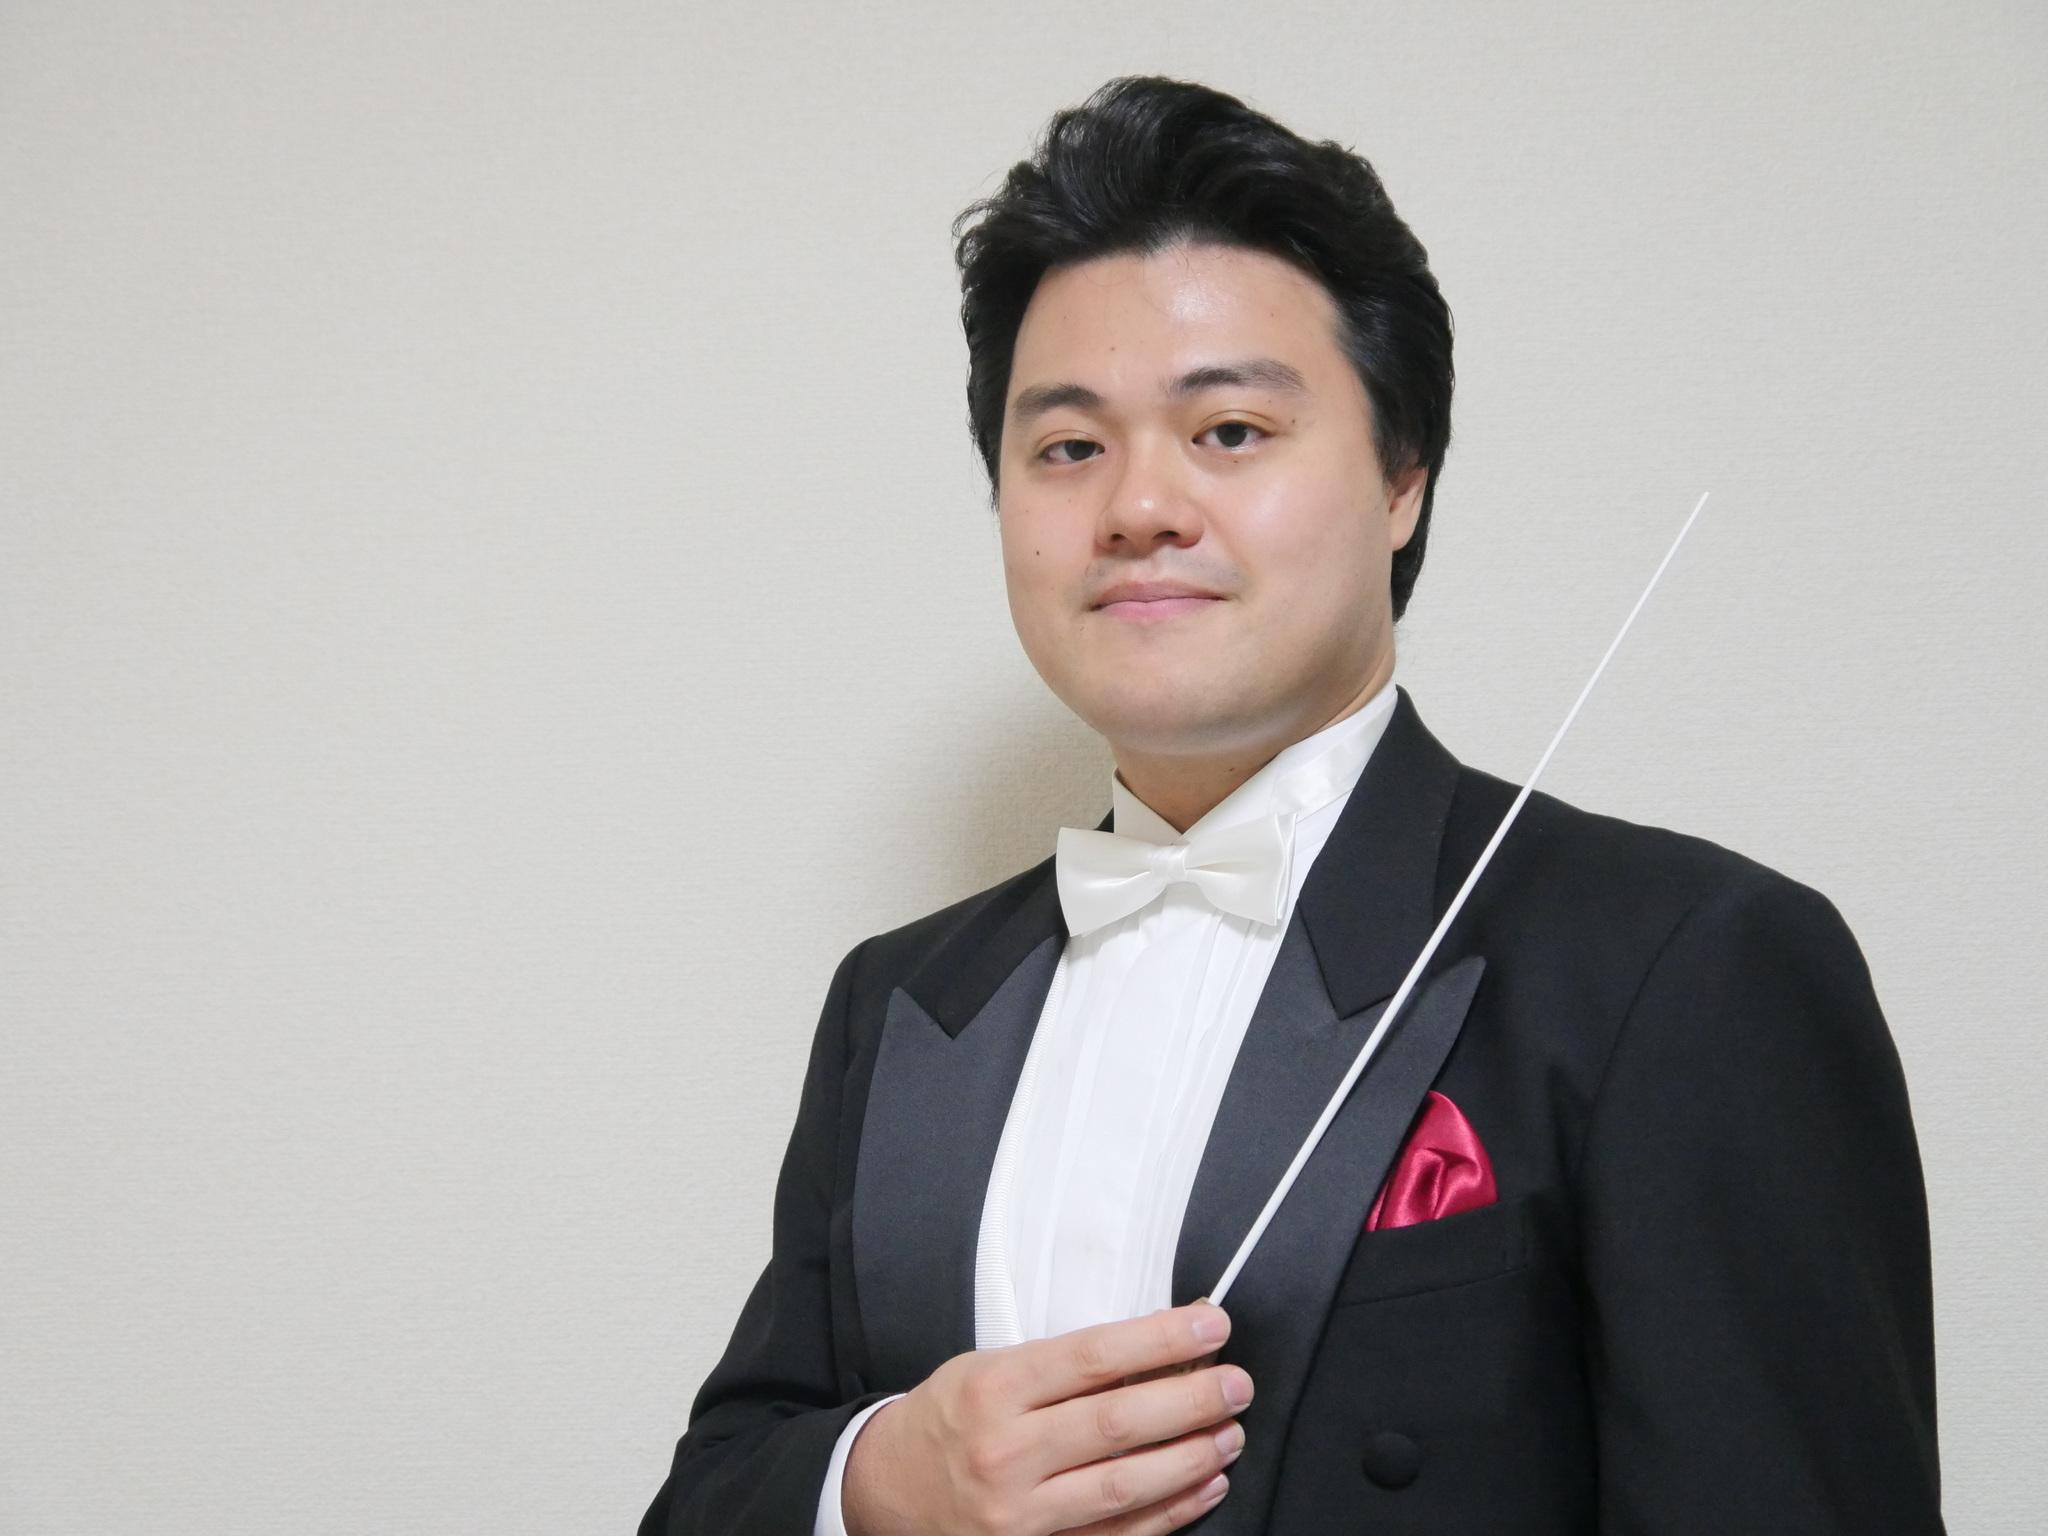 指導講師・箕輪健太先生のプロフィール画像。